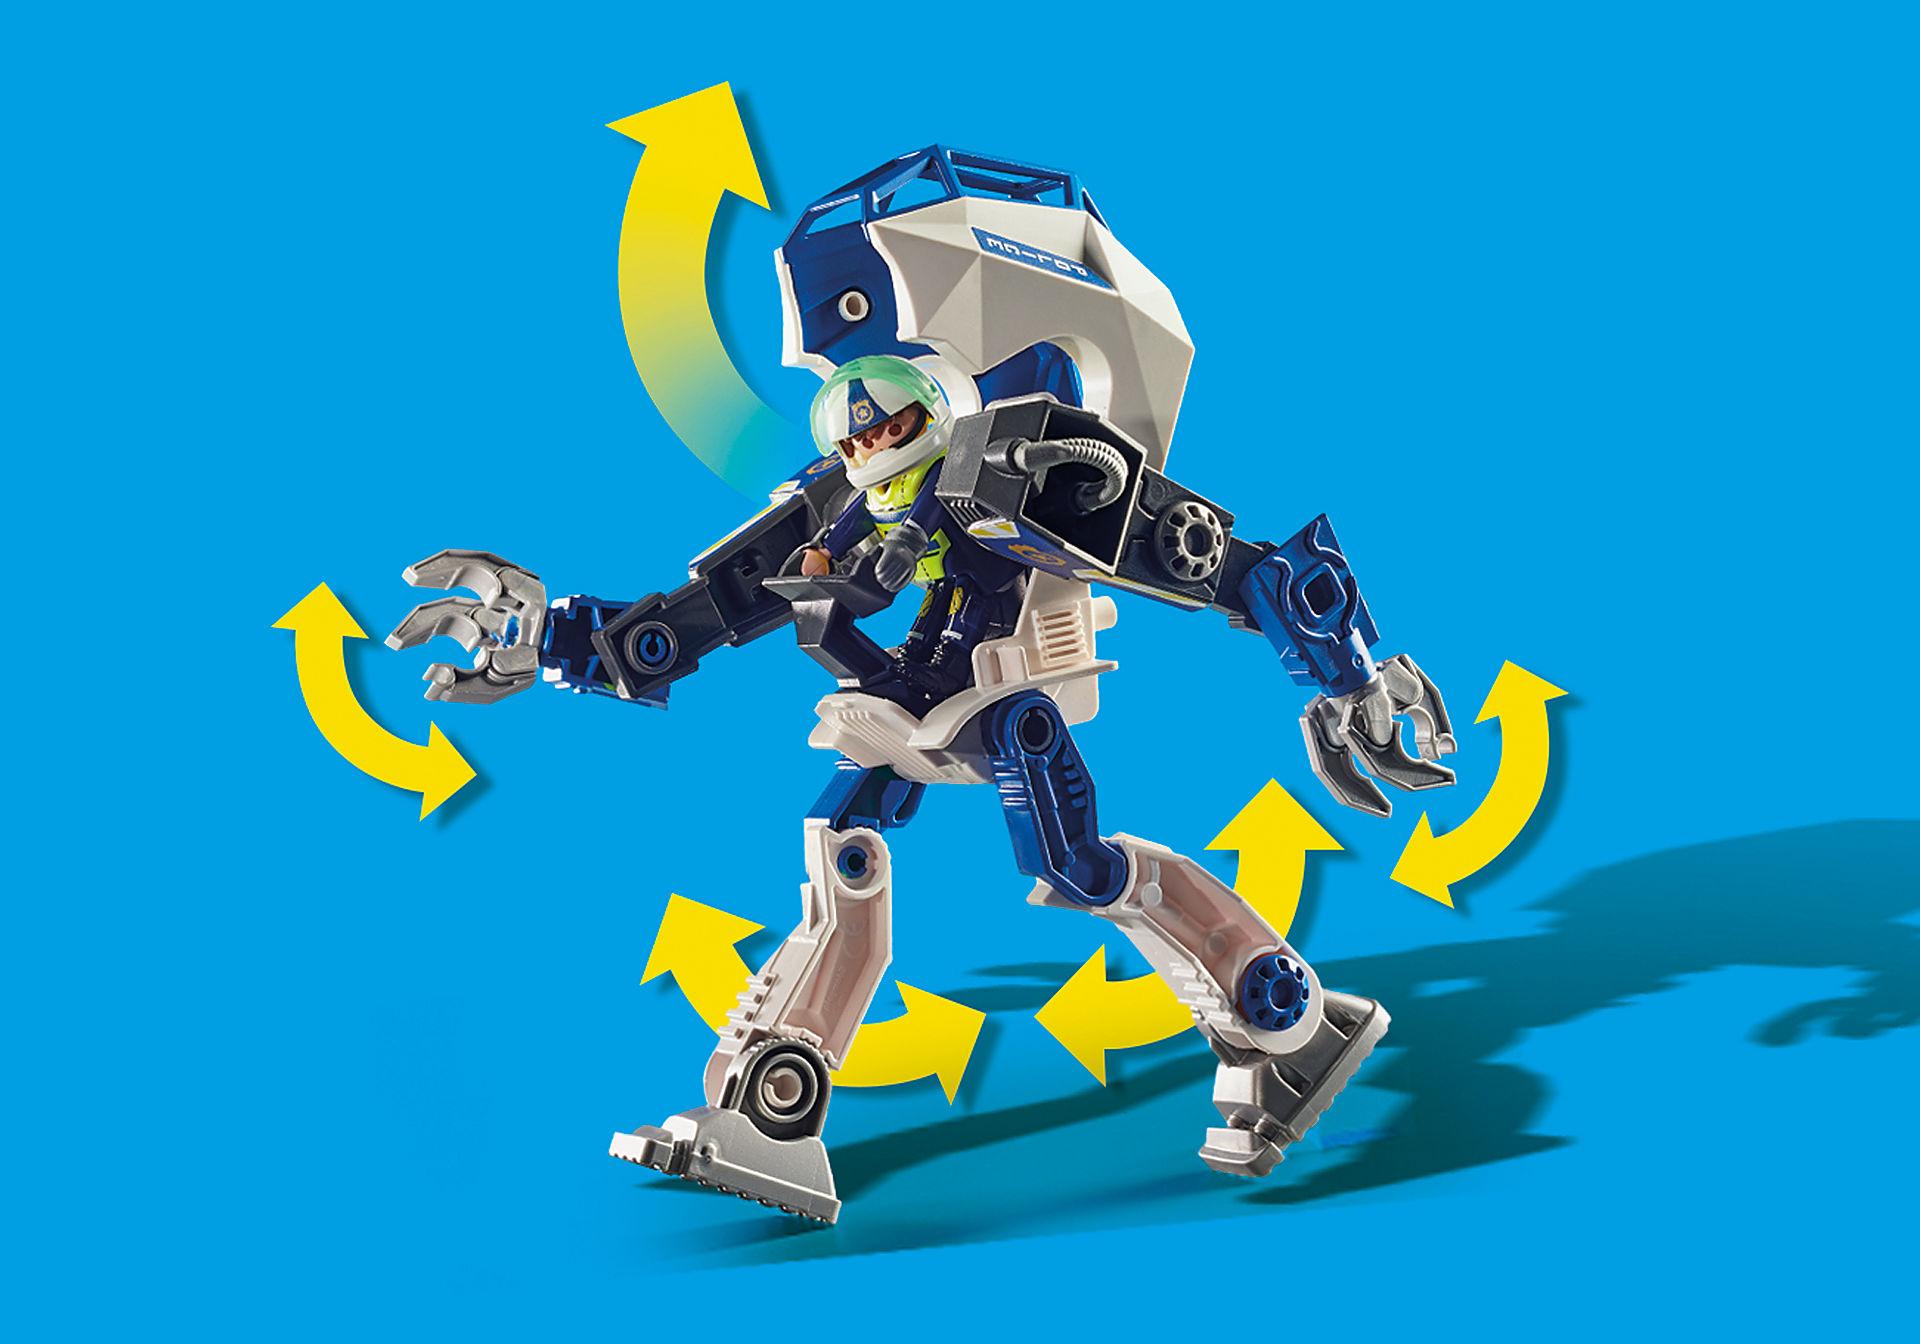 70571 Politirobot: Specialindsats  zoom image7